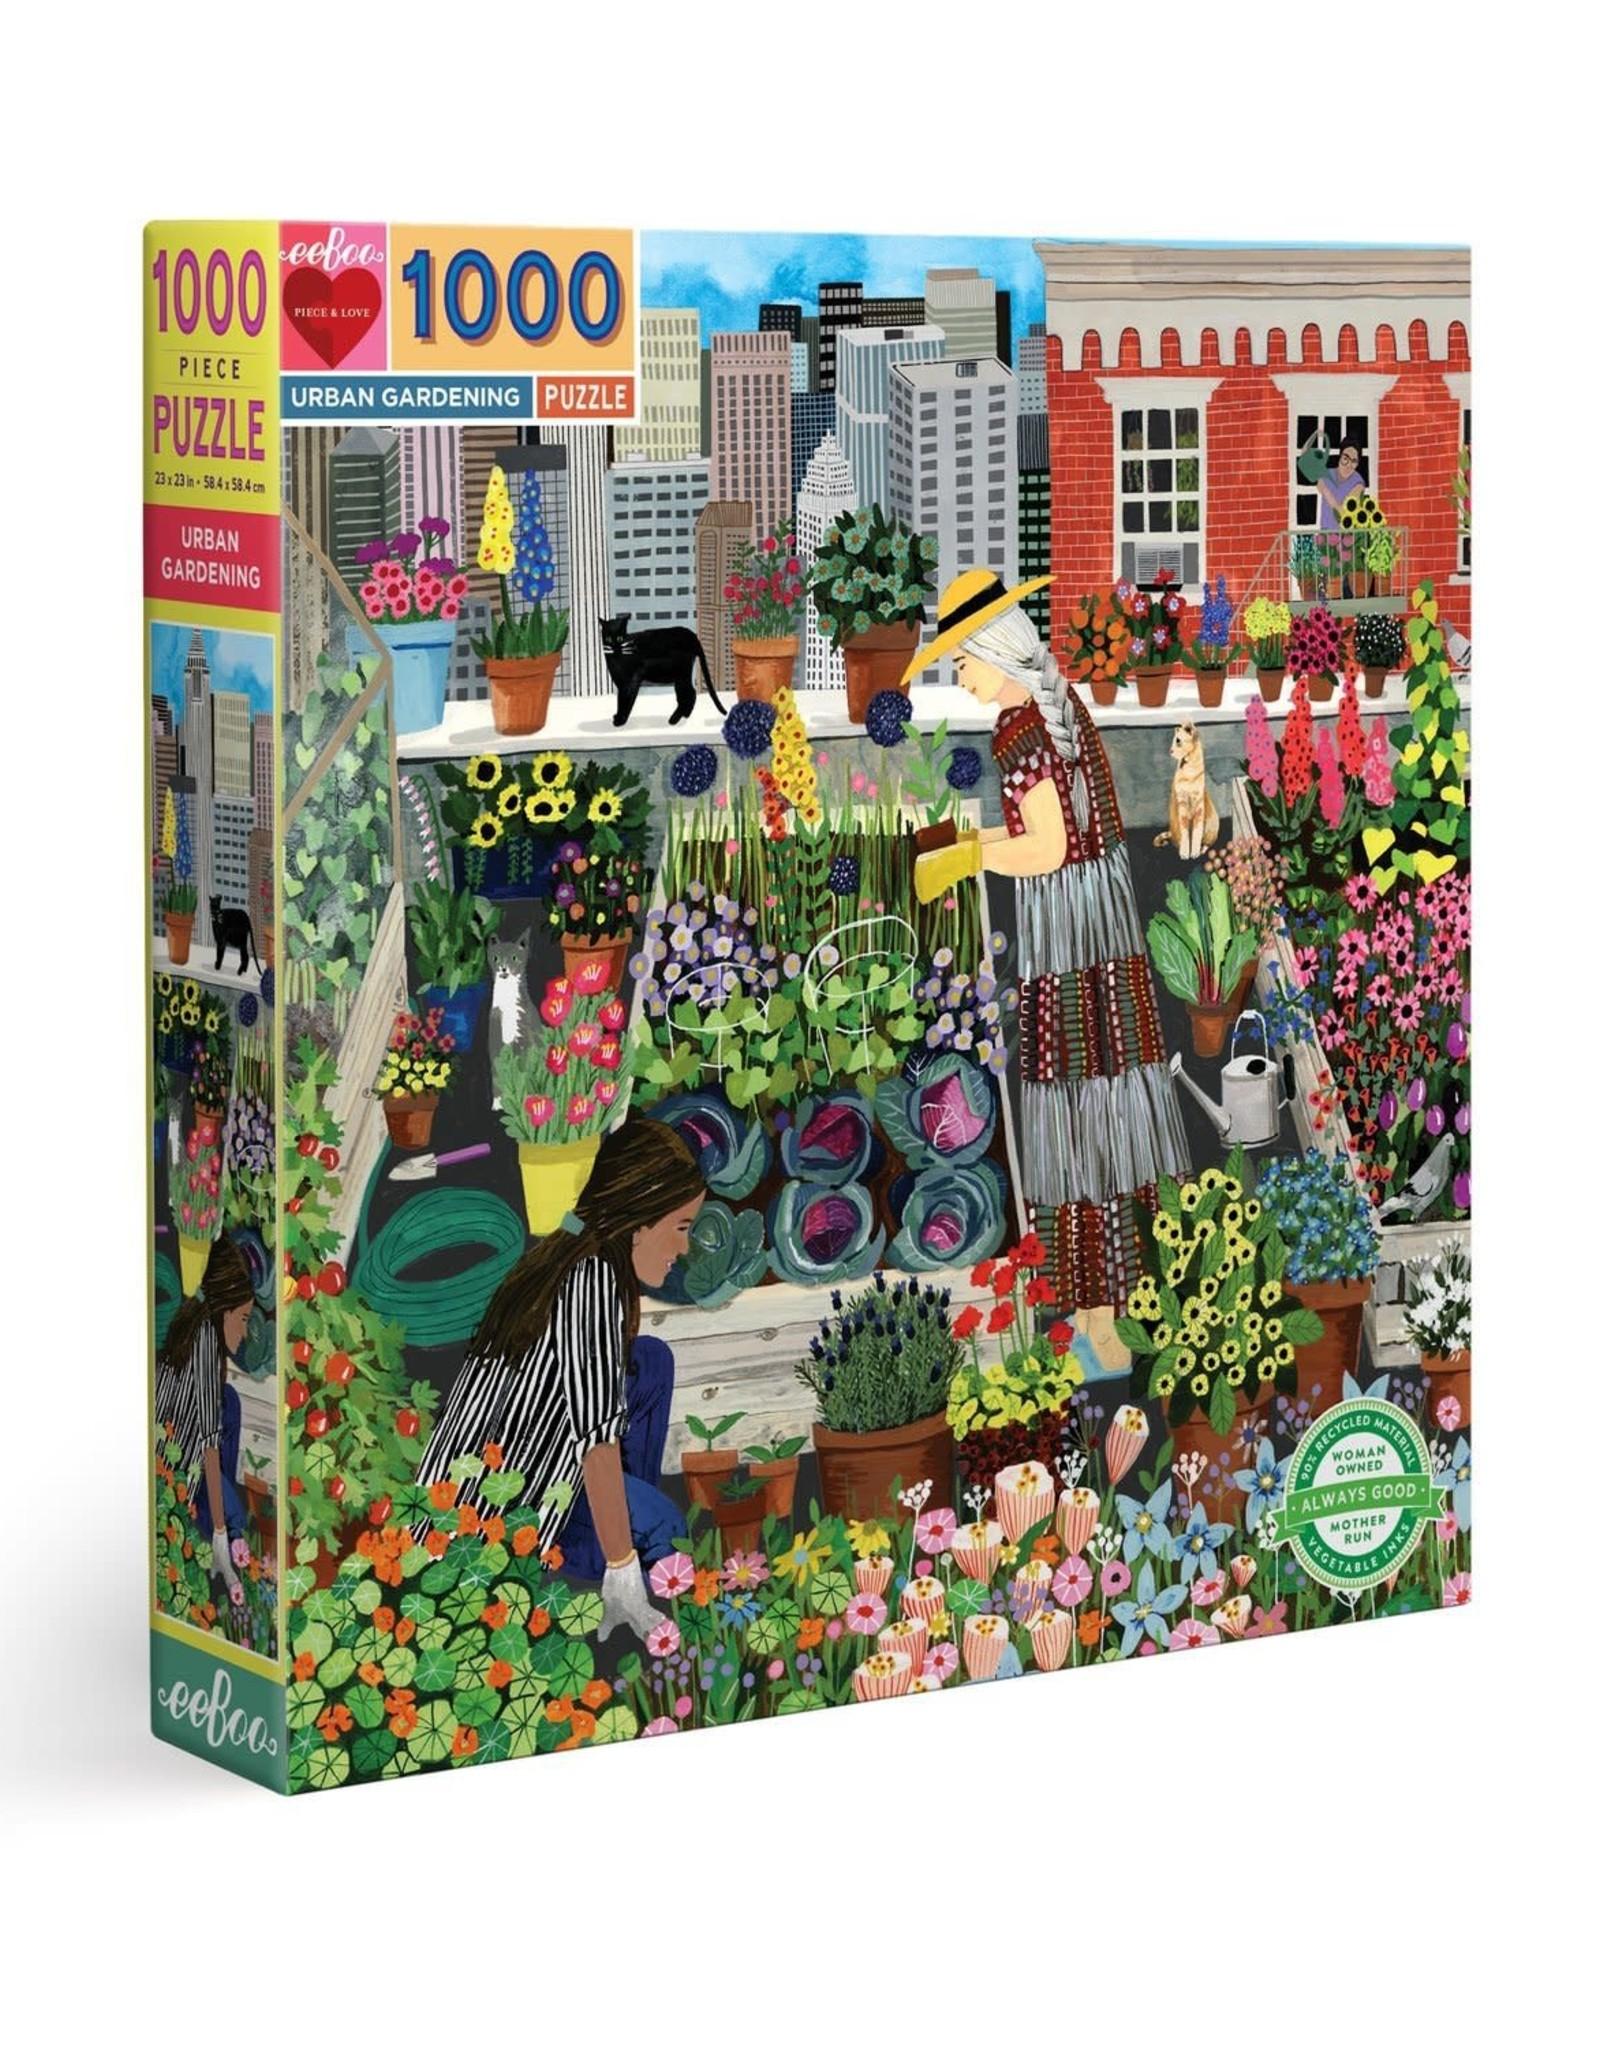 eeBoo Urban Gardening 1000 Piece Puzzle